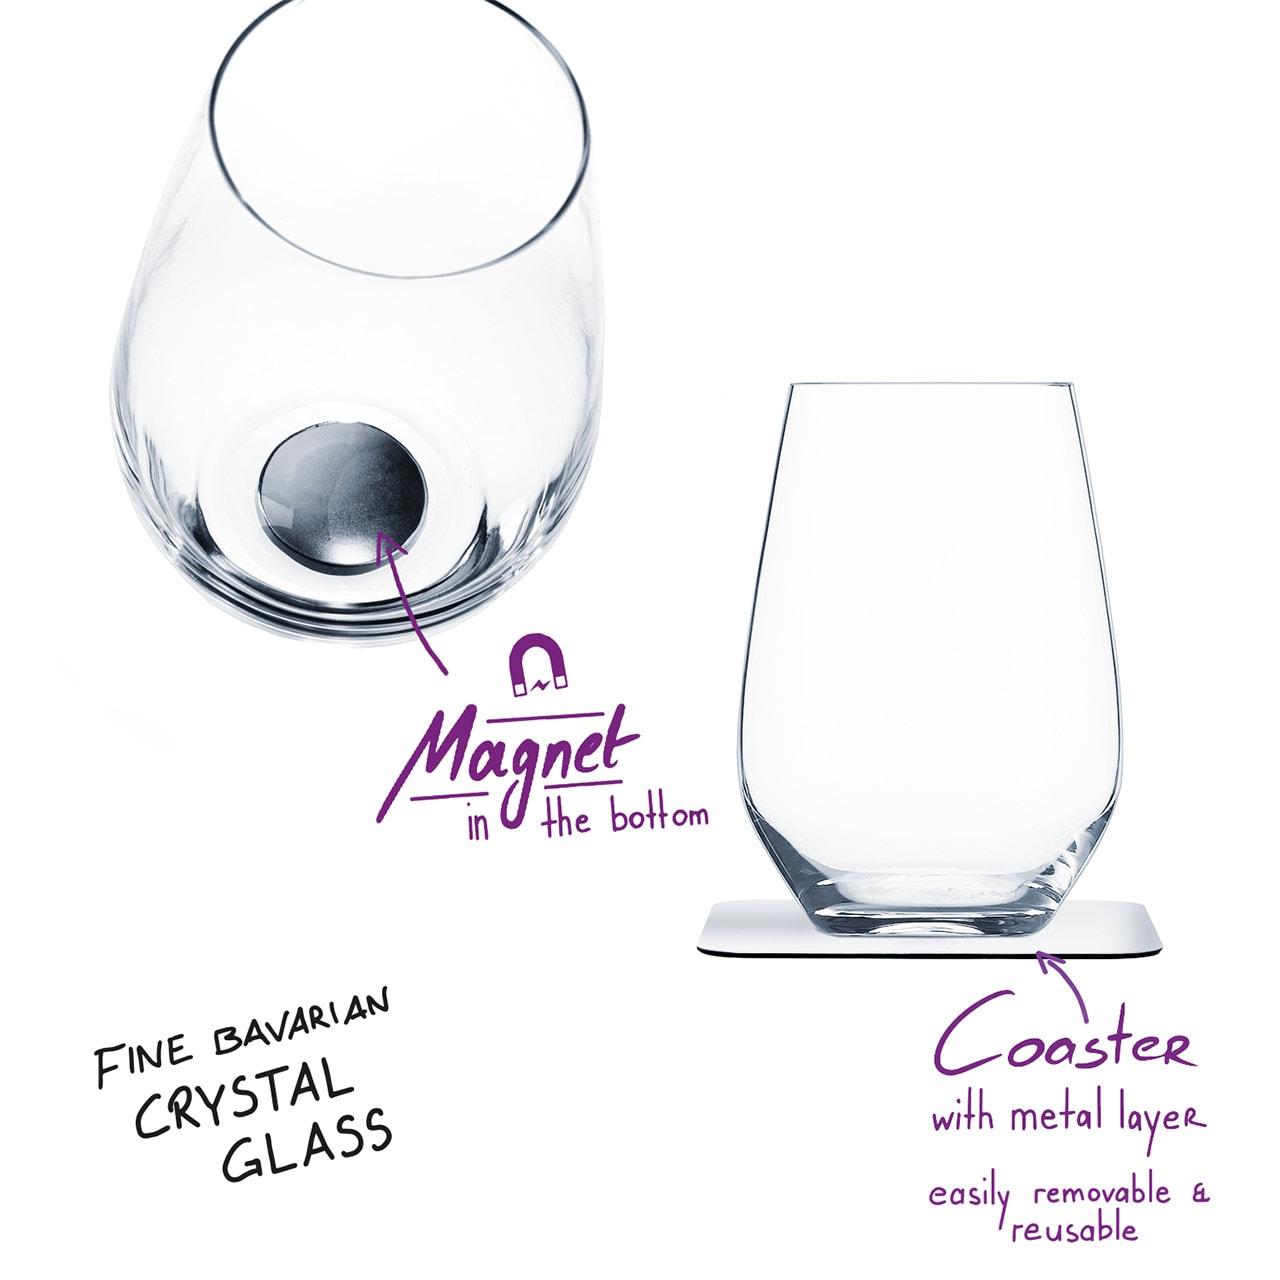 Uknuselige glass SILWY Magnetic Krystallglass Longdrink 2 stk og magnetpads S04022042